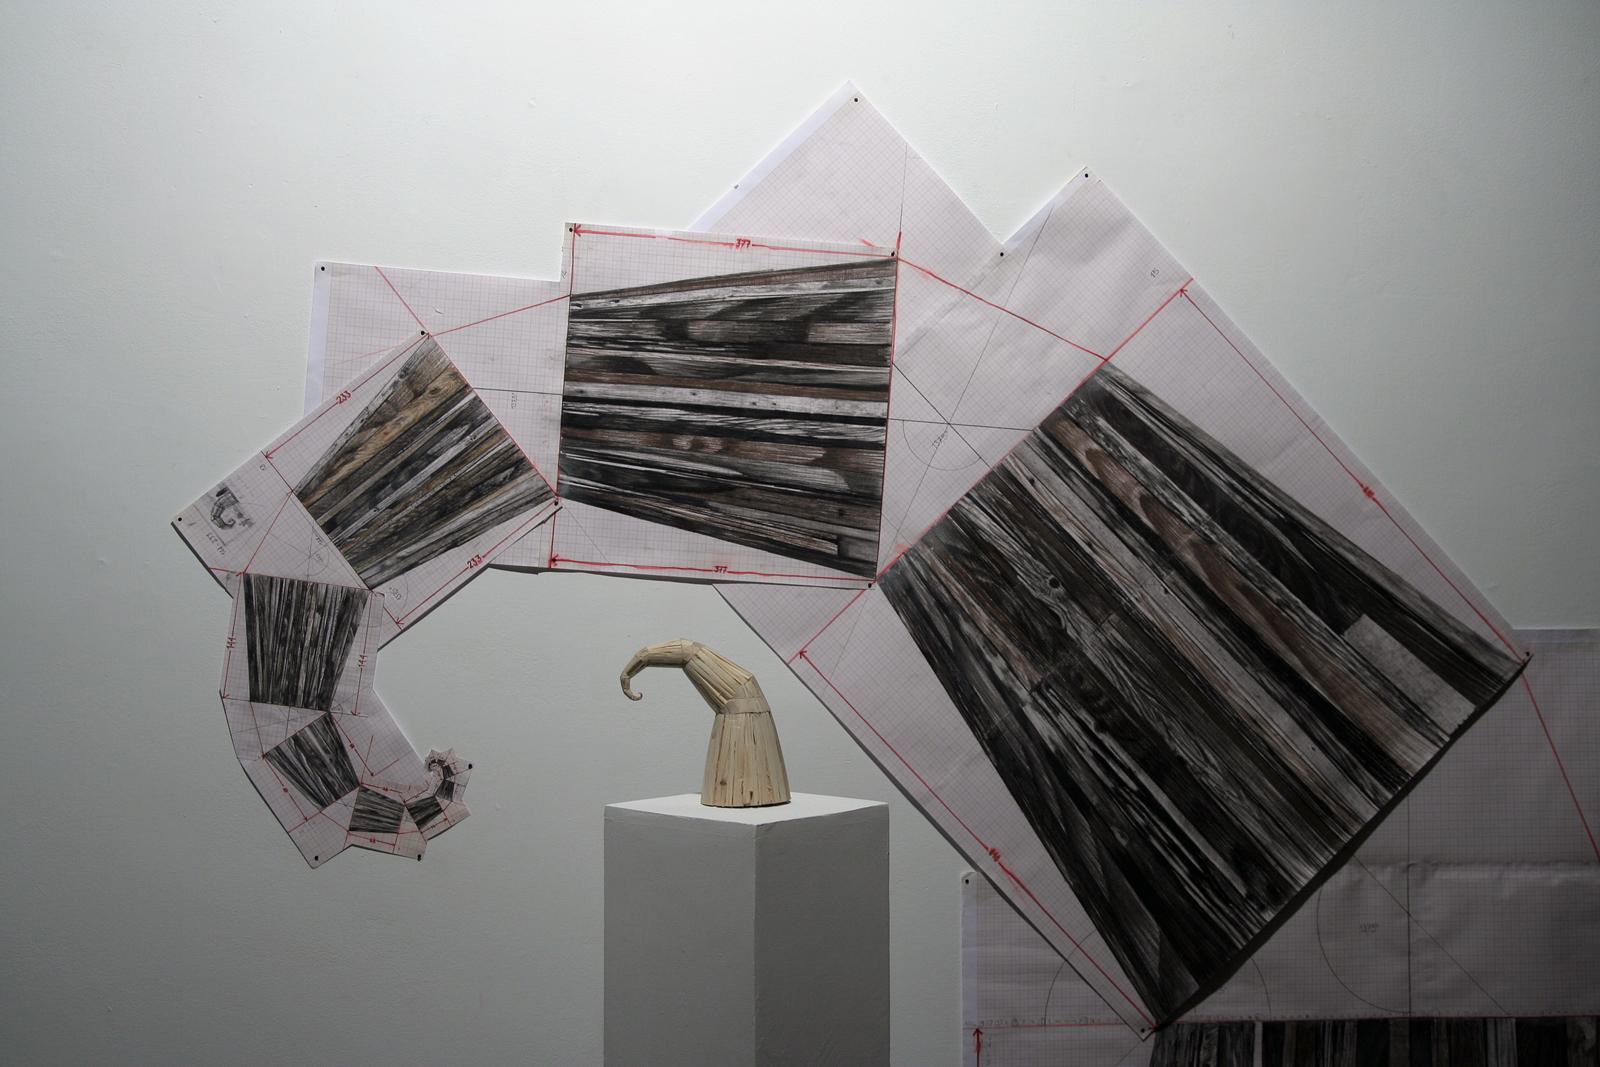 Szymon Kobylarz, Beztytułu (1-11), obiekt, drewno, 2015; Beztytułu (1-16), rysunek 1:1, 2015